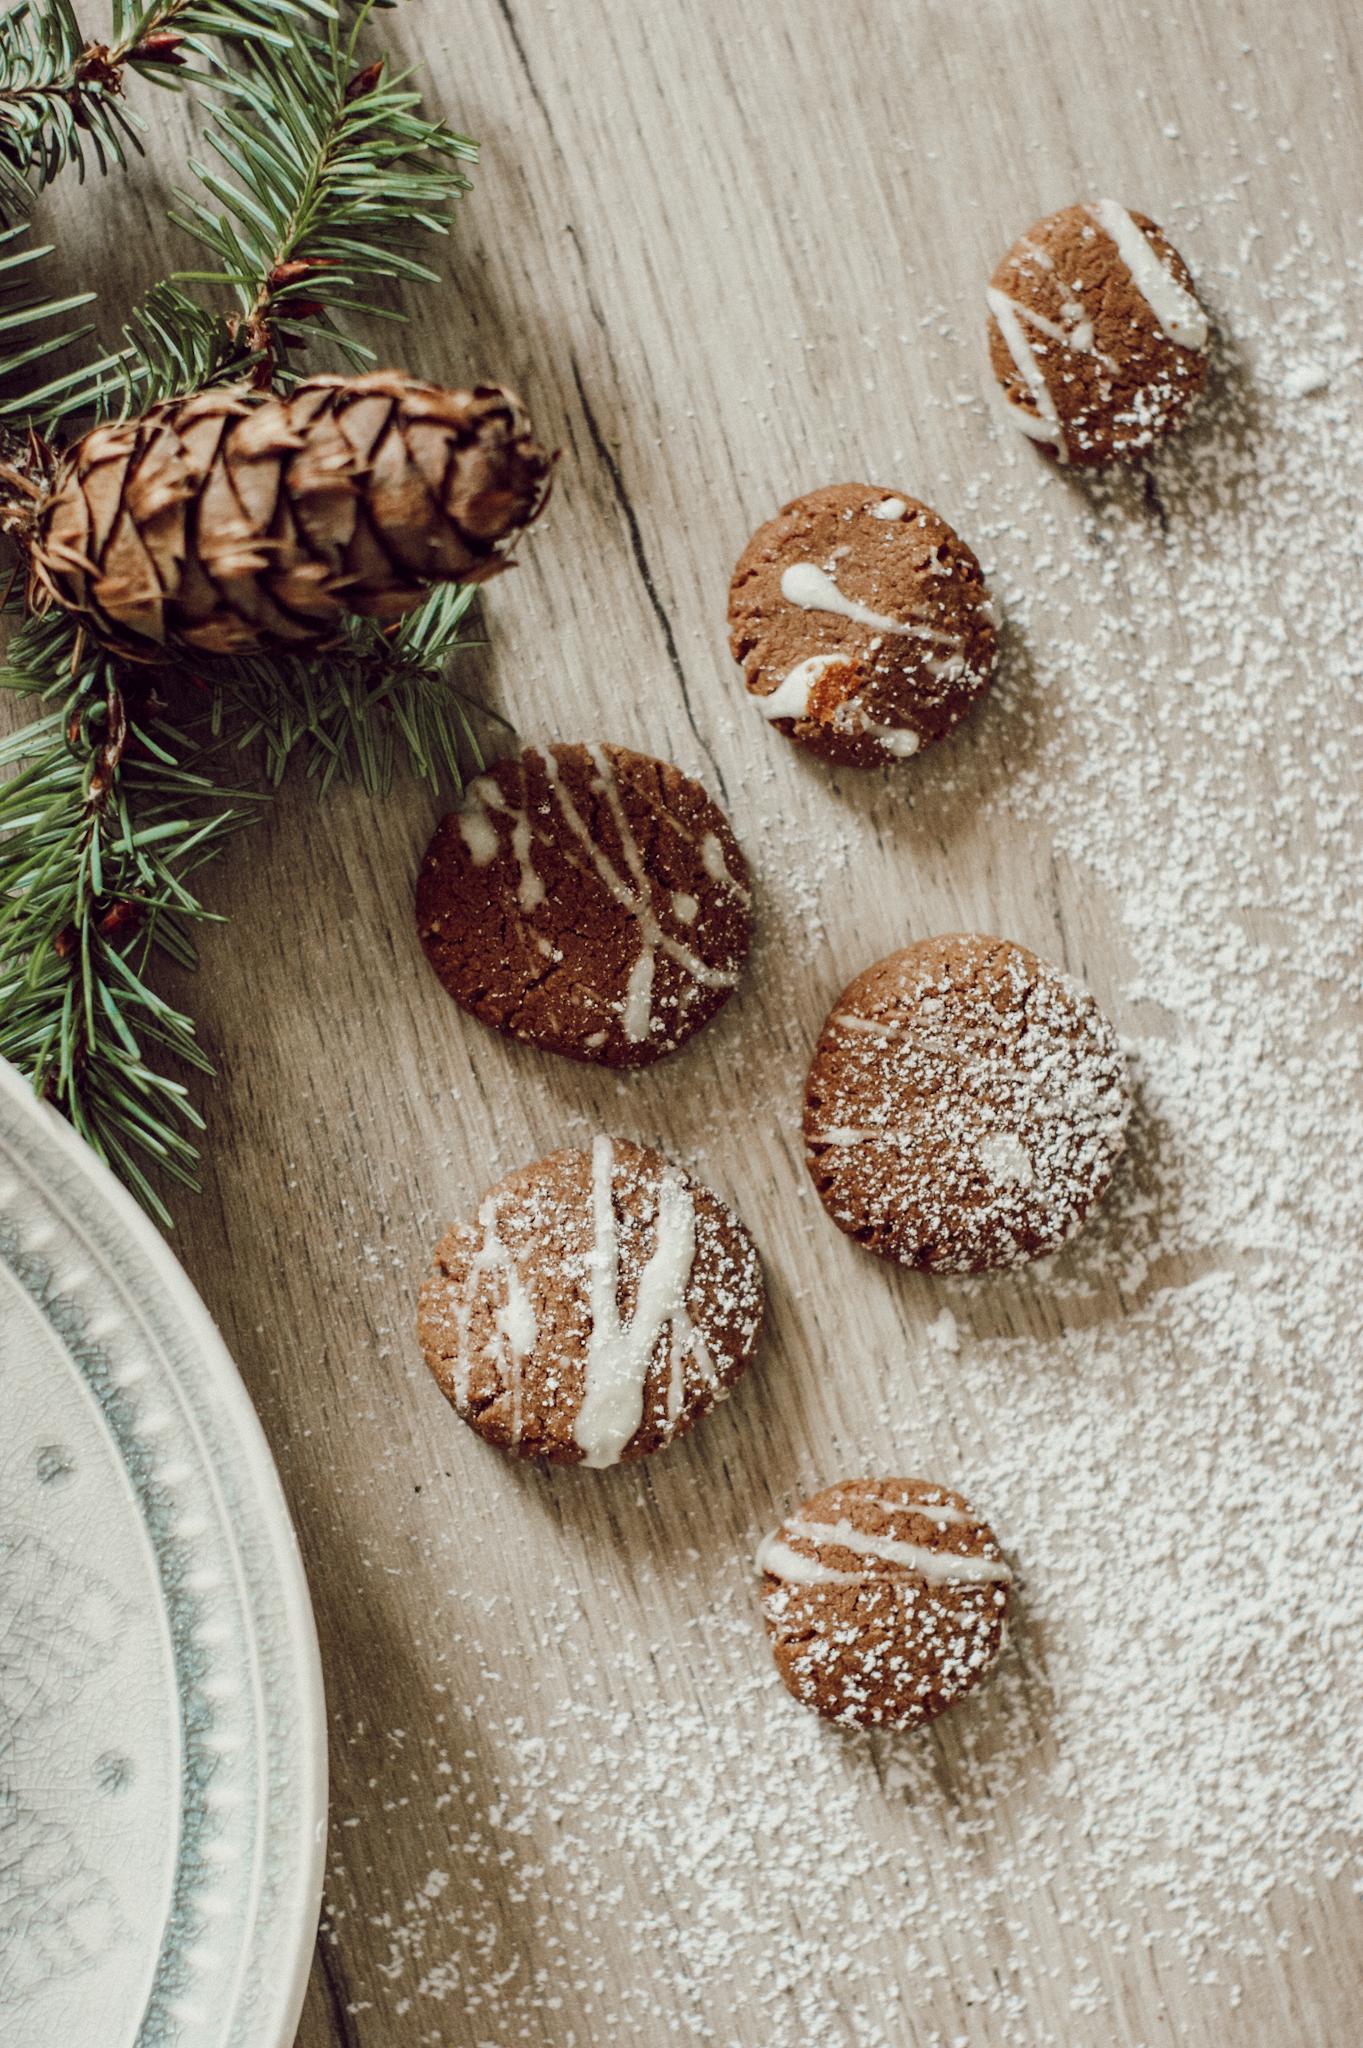 Nougatkekse, Nougat, Weihnachtskekse